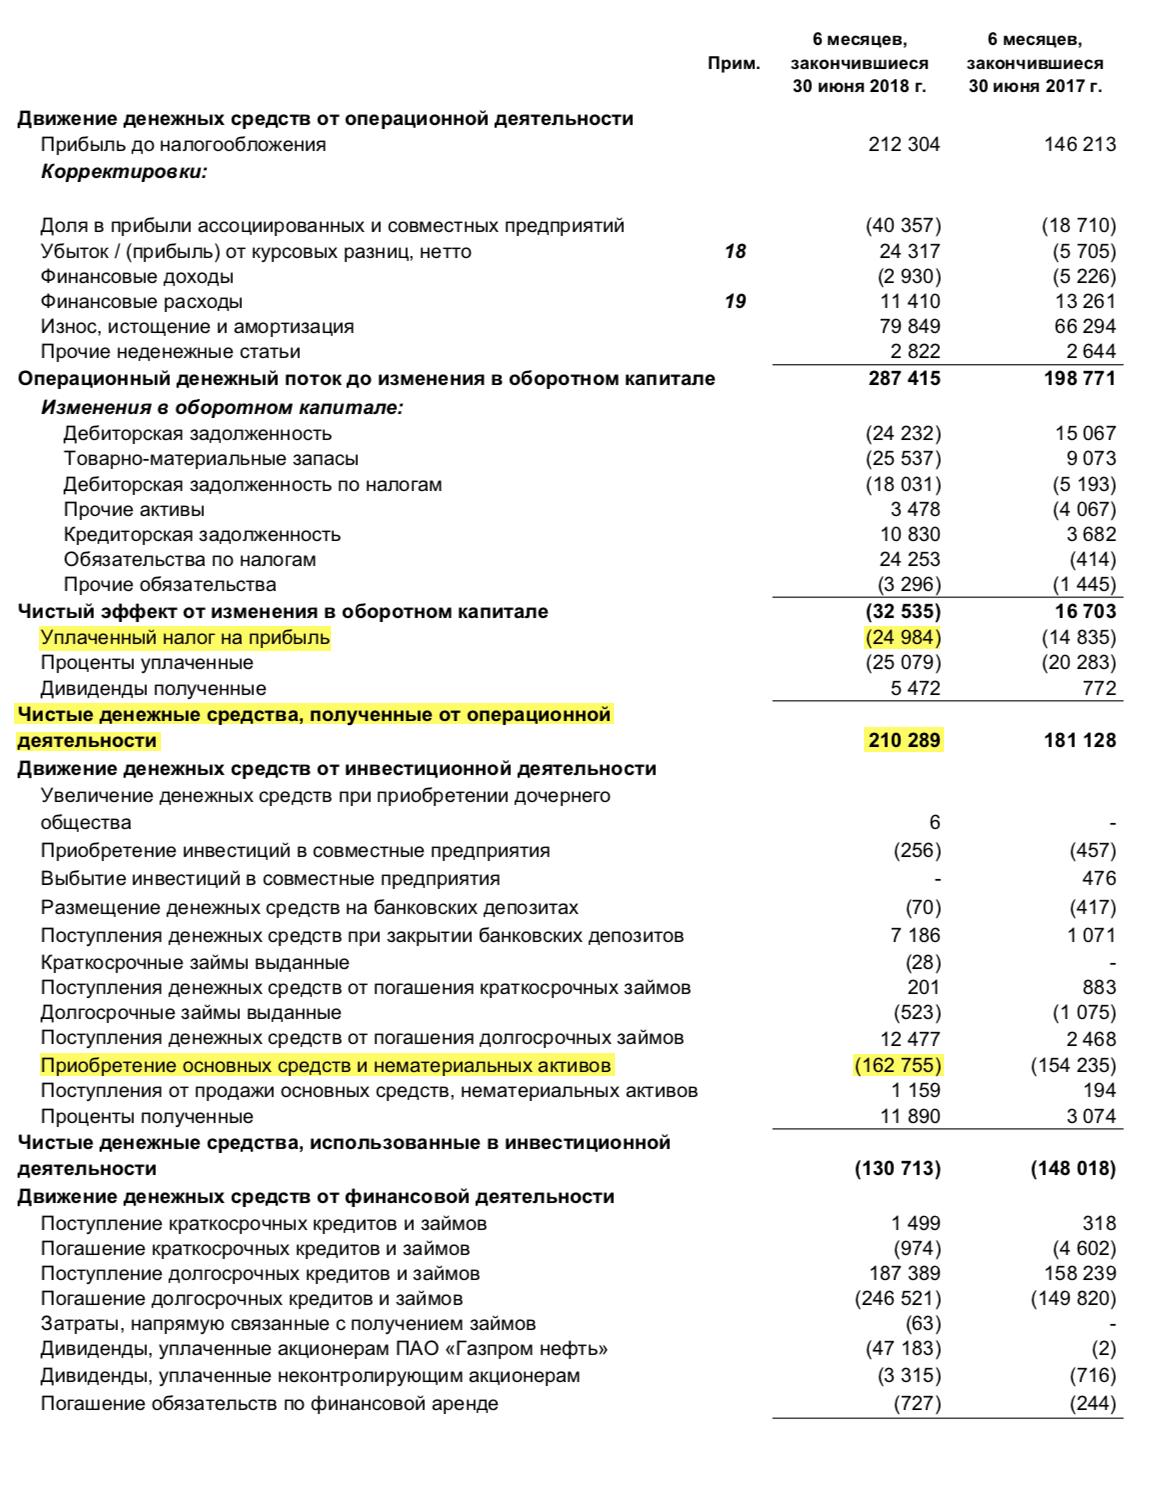 Отчет о движении денежных средств «Газпром-нефти» за второй кв. 2018 года, стр. 5